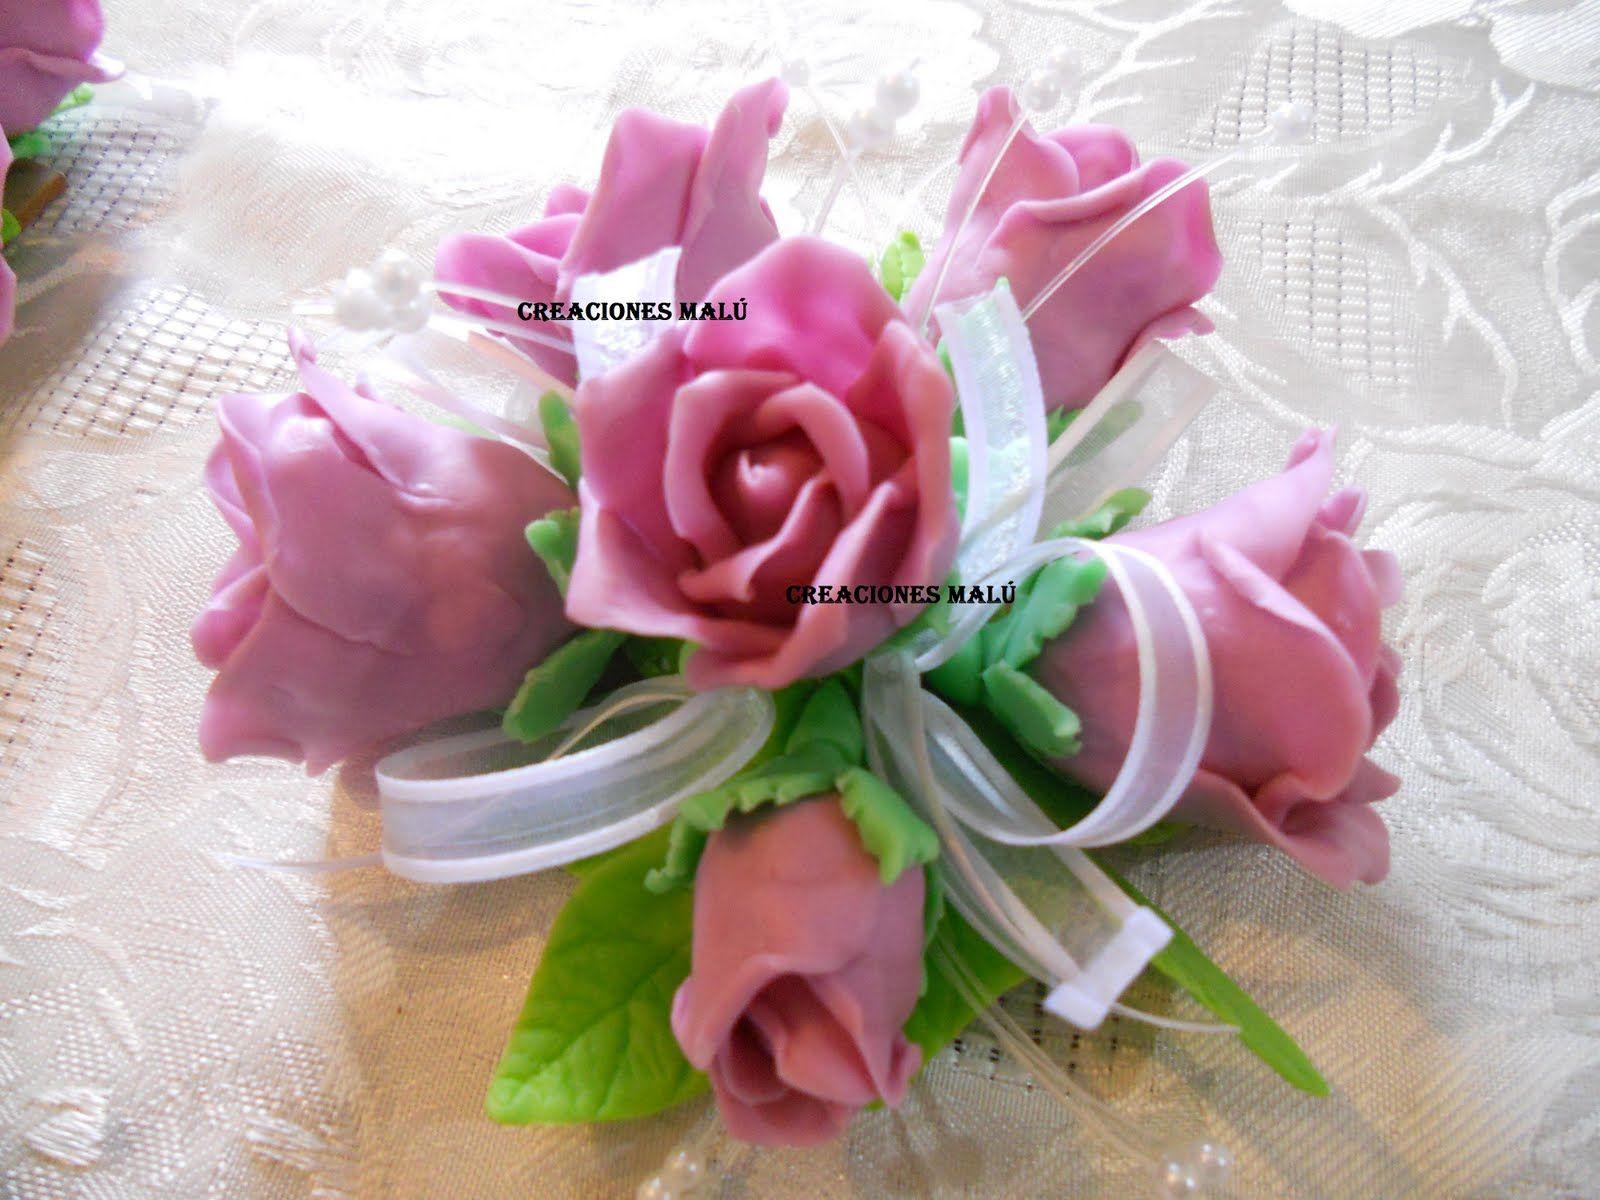 Imagens Para Whatsapp: Imagenes De Cumpleaños De Flores Para Perfil Whatsapp 1